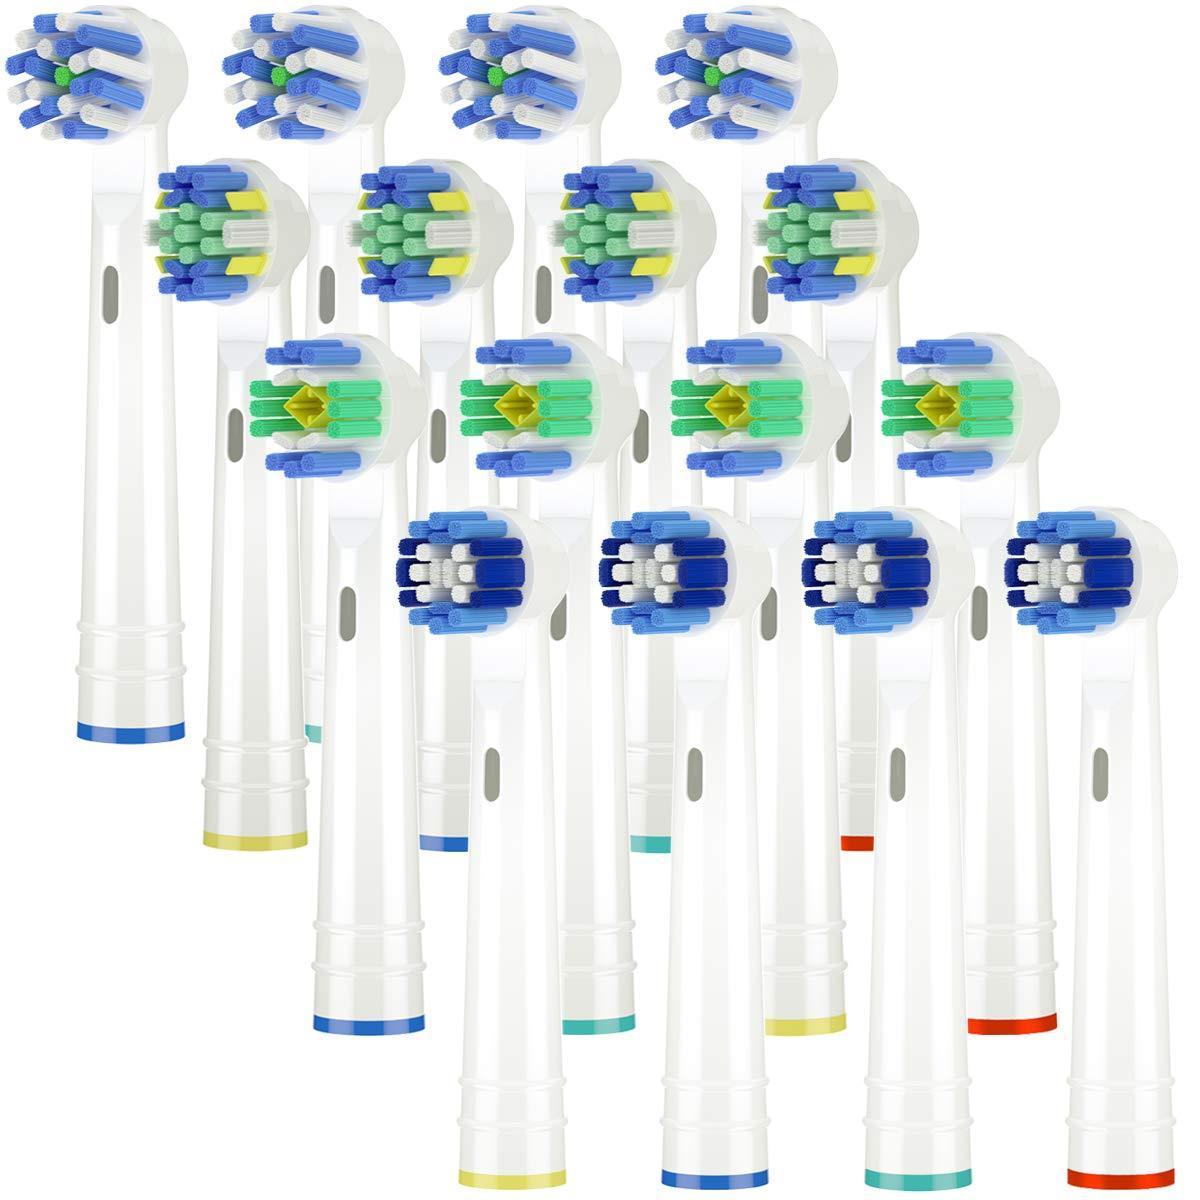 Recambios Cepillo Compatible Braun Oral-b,cabezales de repuesto Compatible eléctrico Pro 700 Pro